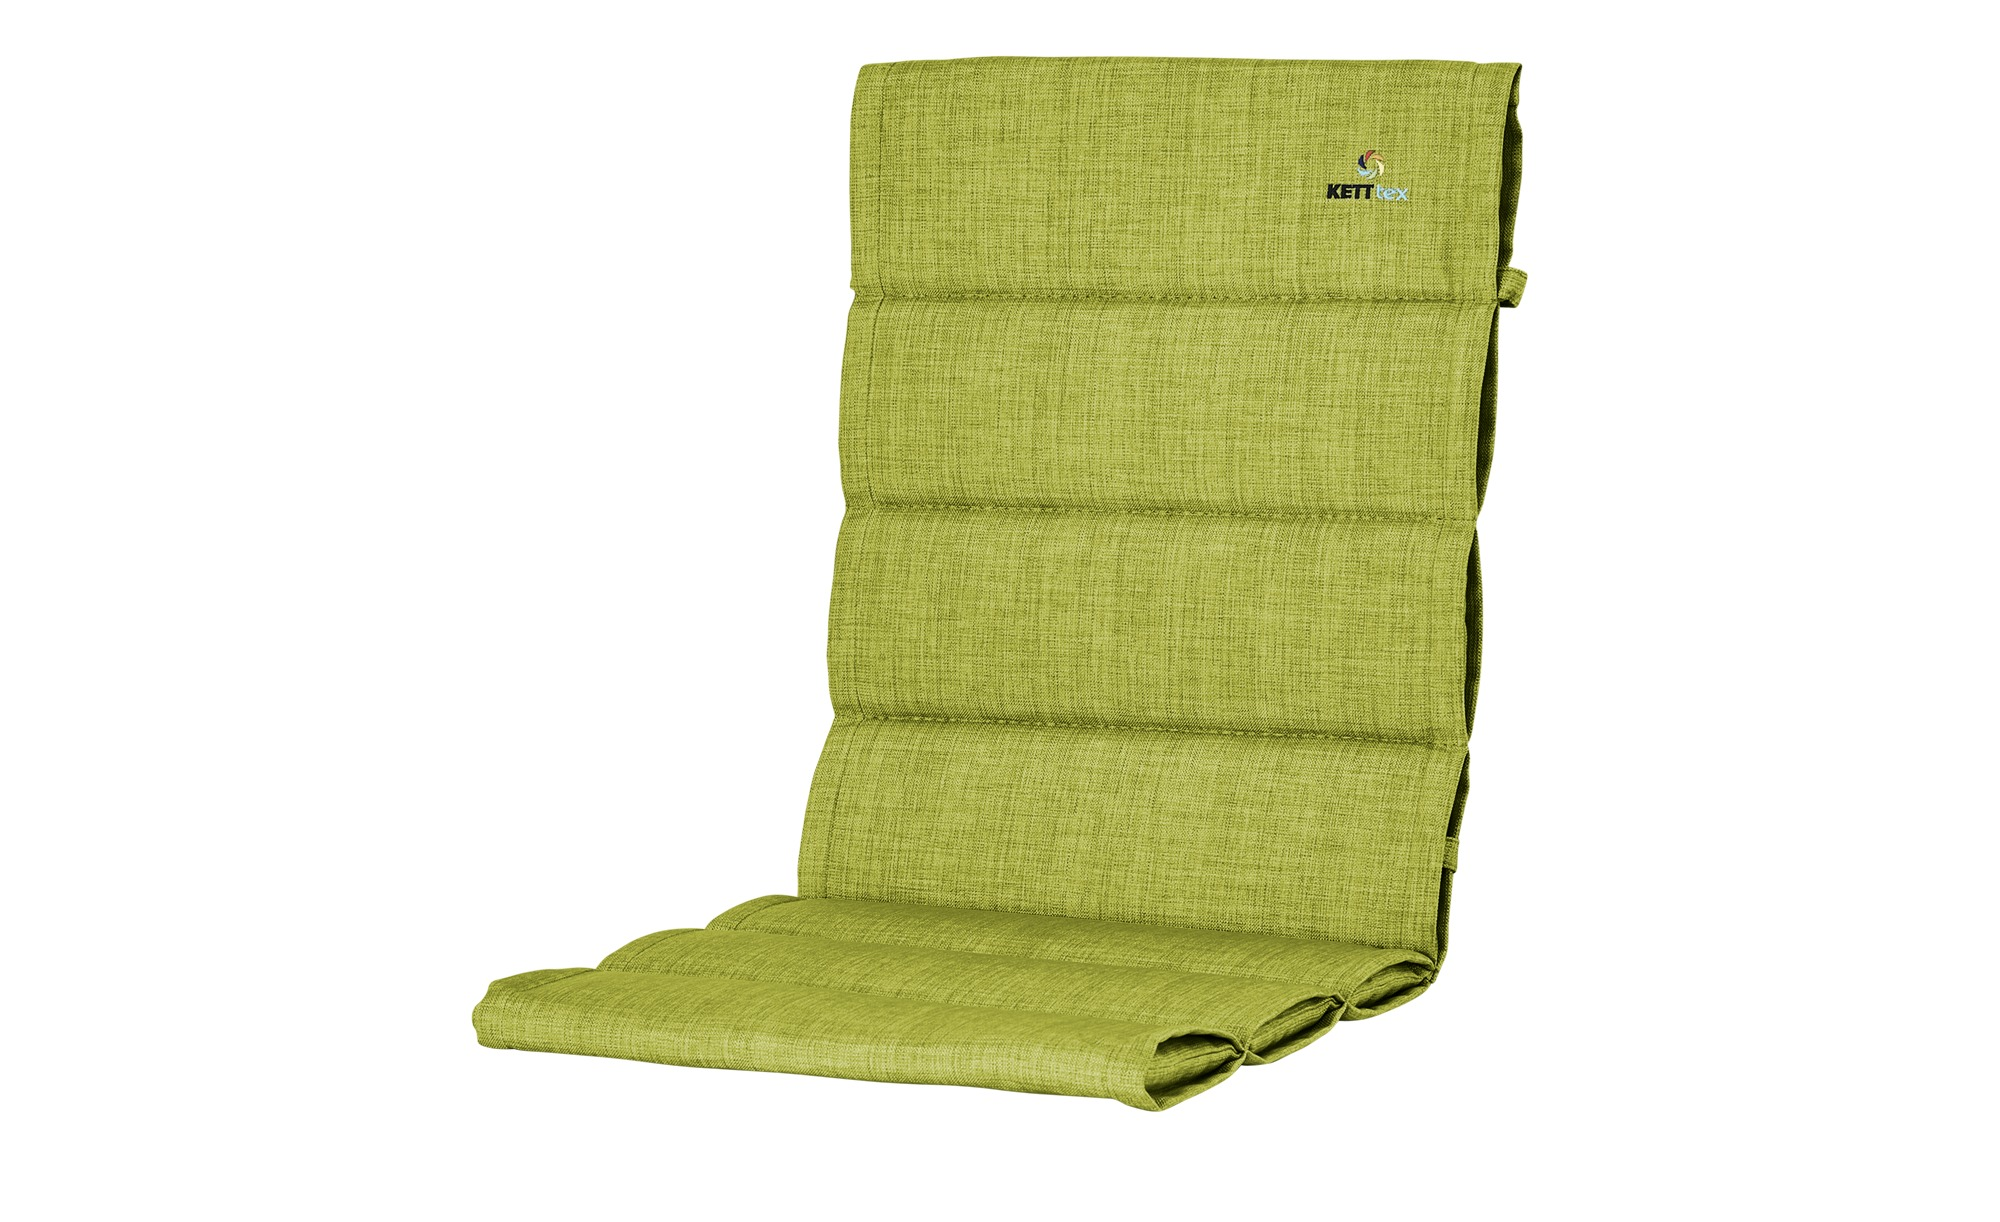 KETTLER Polska Auflage  Style grün ¦ grün ¦ Maße (cm): B: 50 H: 3 Garten > Auflagen & Kissen > Mittellehner-Auflagen - Höffner